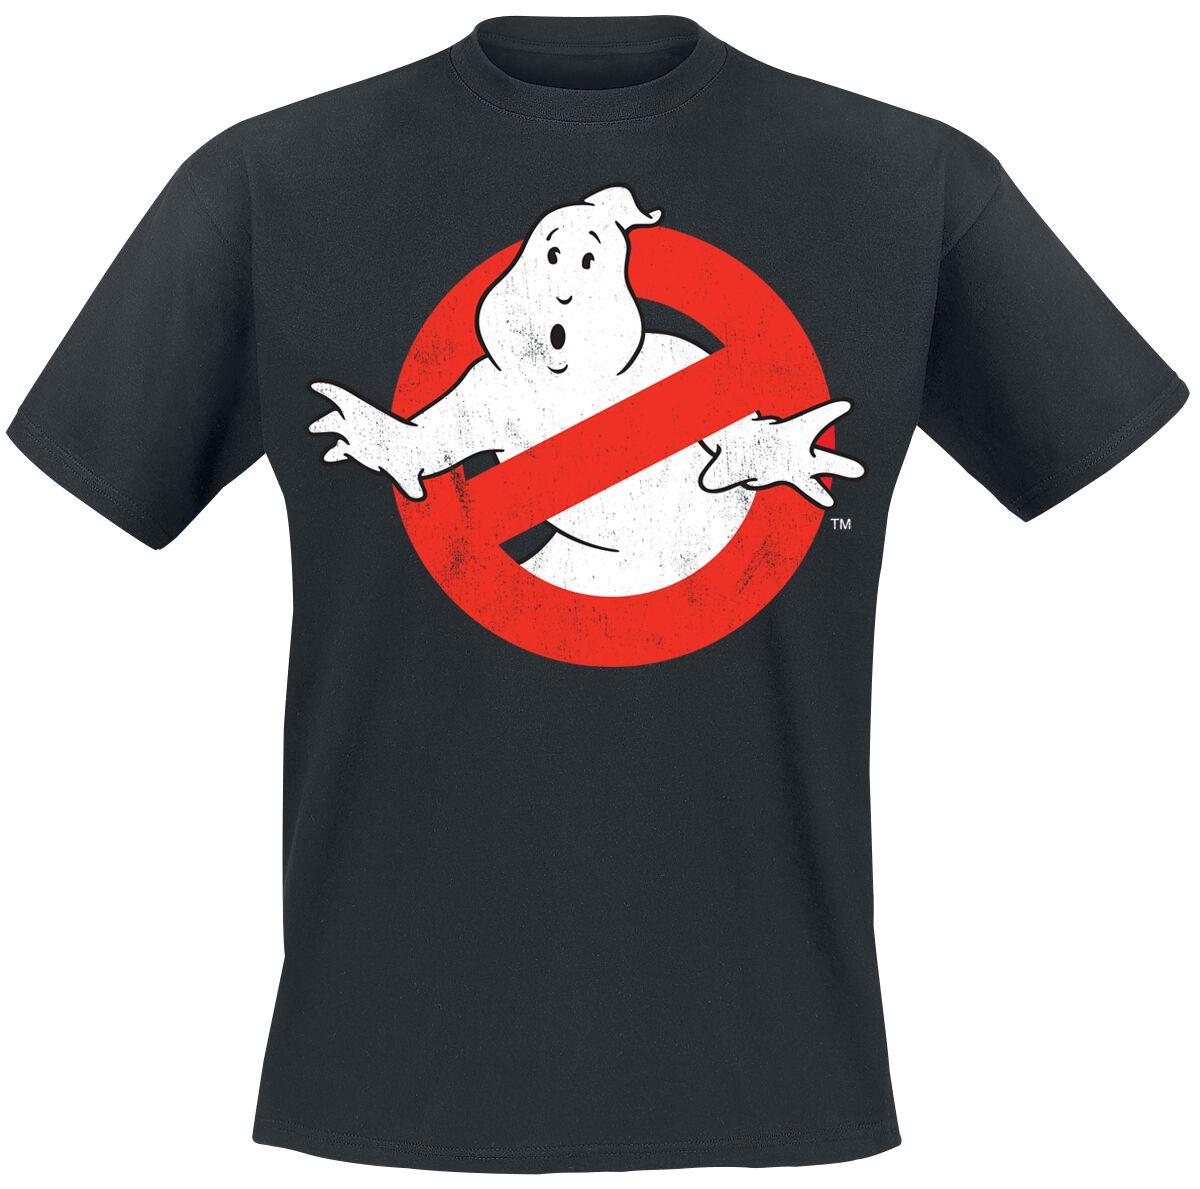 Merch dla Fanów - Koszulki - T-Shirt Ghostbusters Distressed Logo T-Shirt czarny - 366531